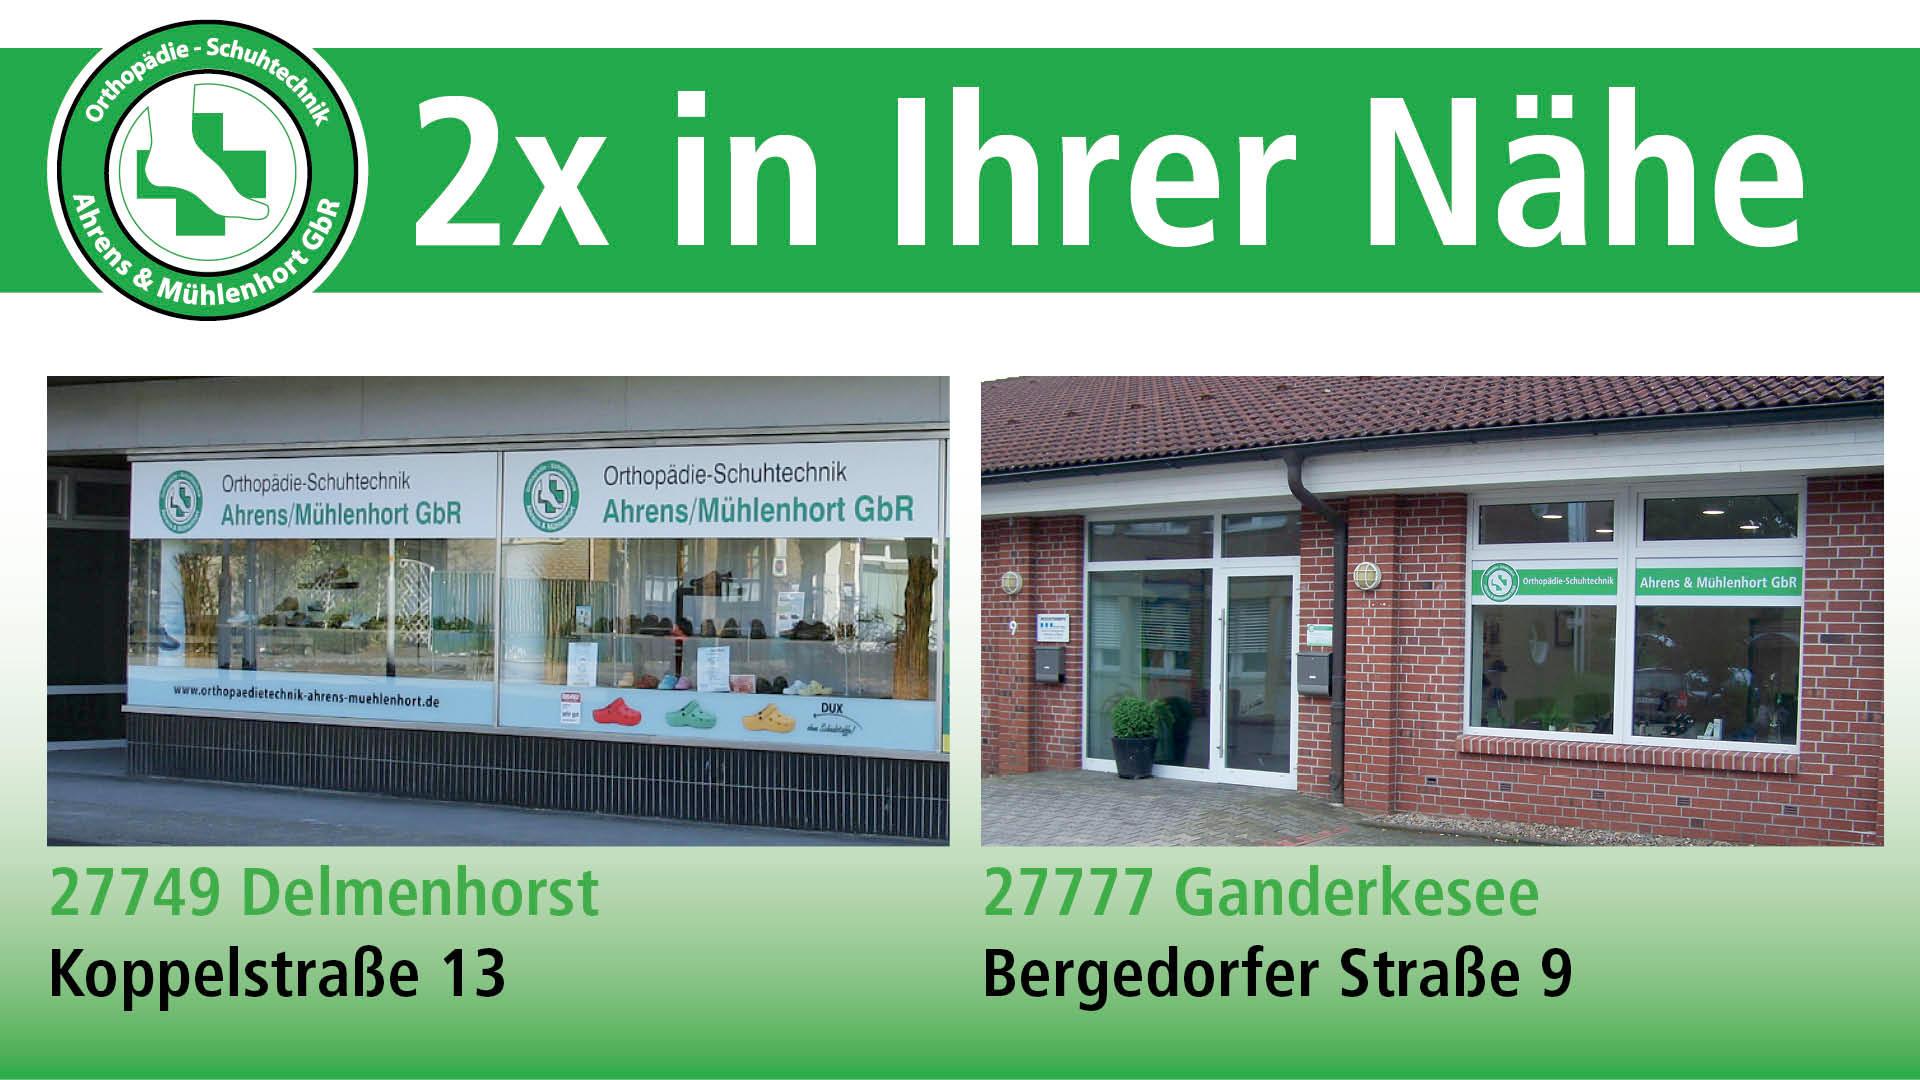 Orthopädie - Schuhtechnik Ahrens & Mühlenhort GbR